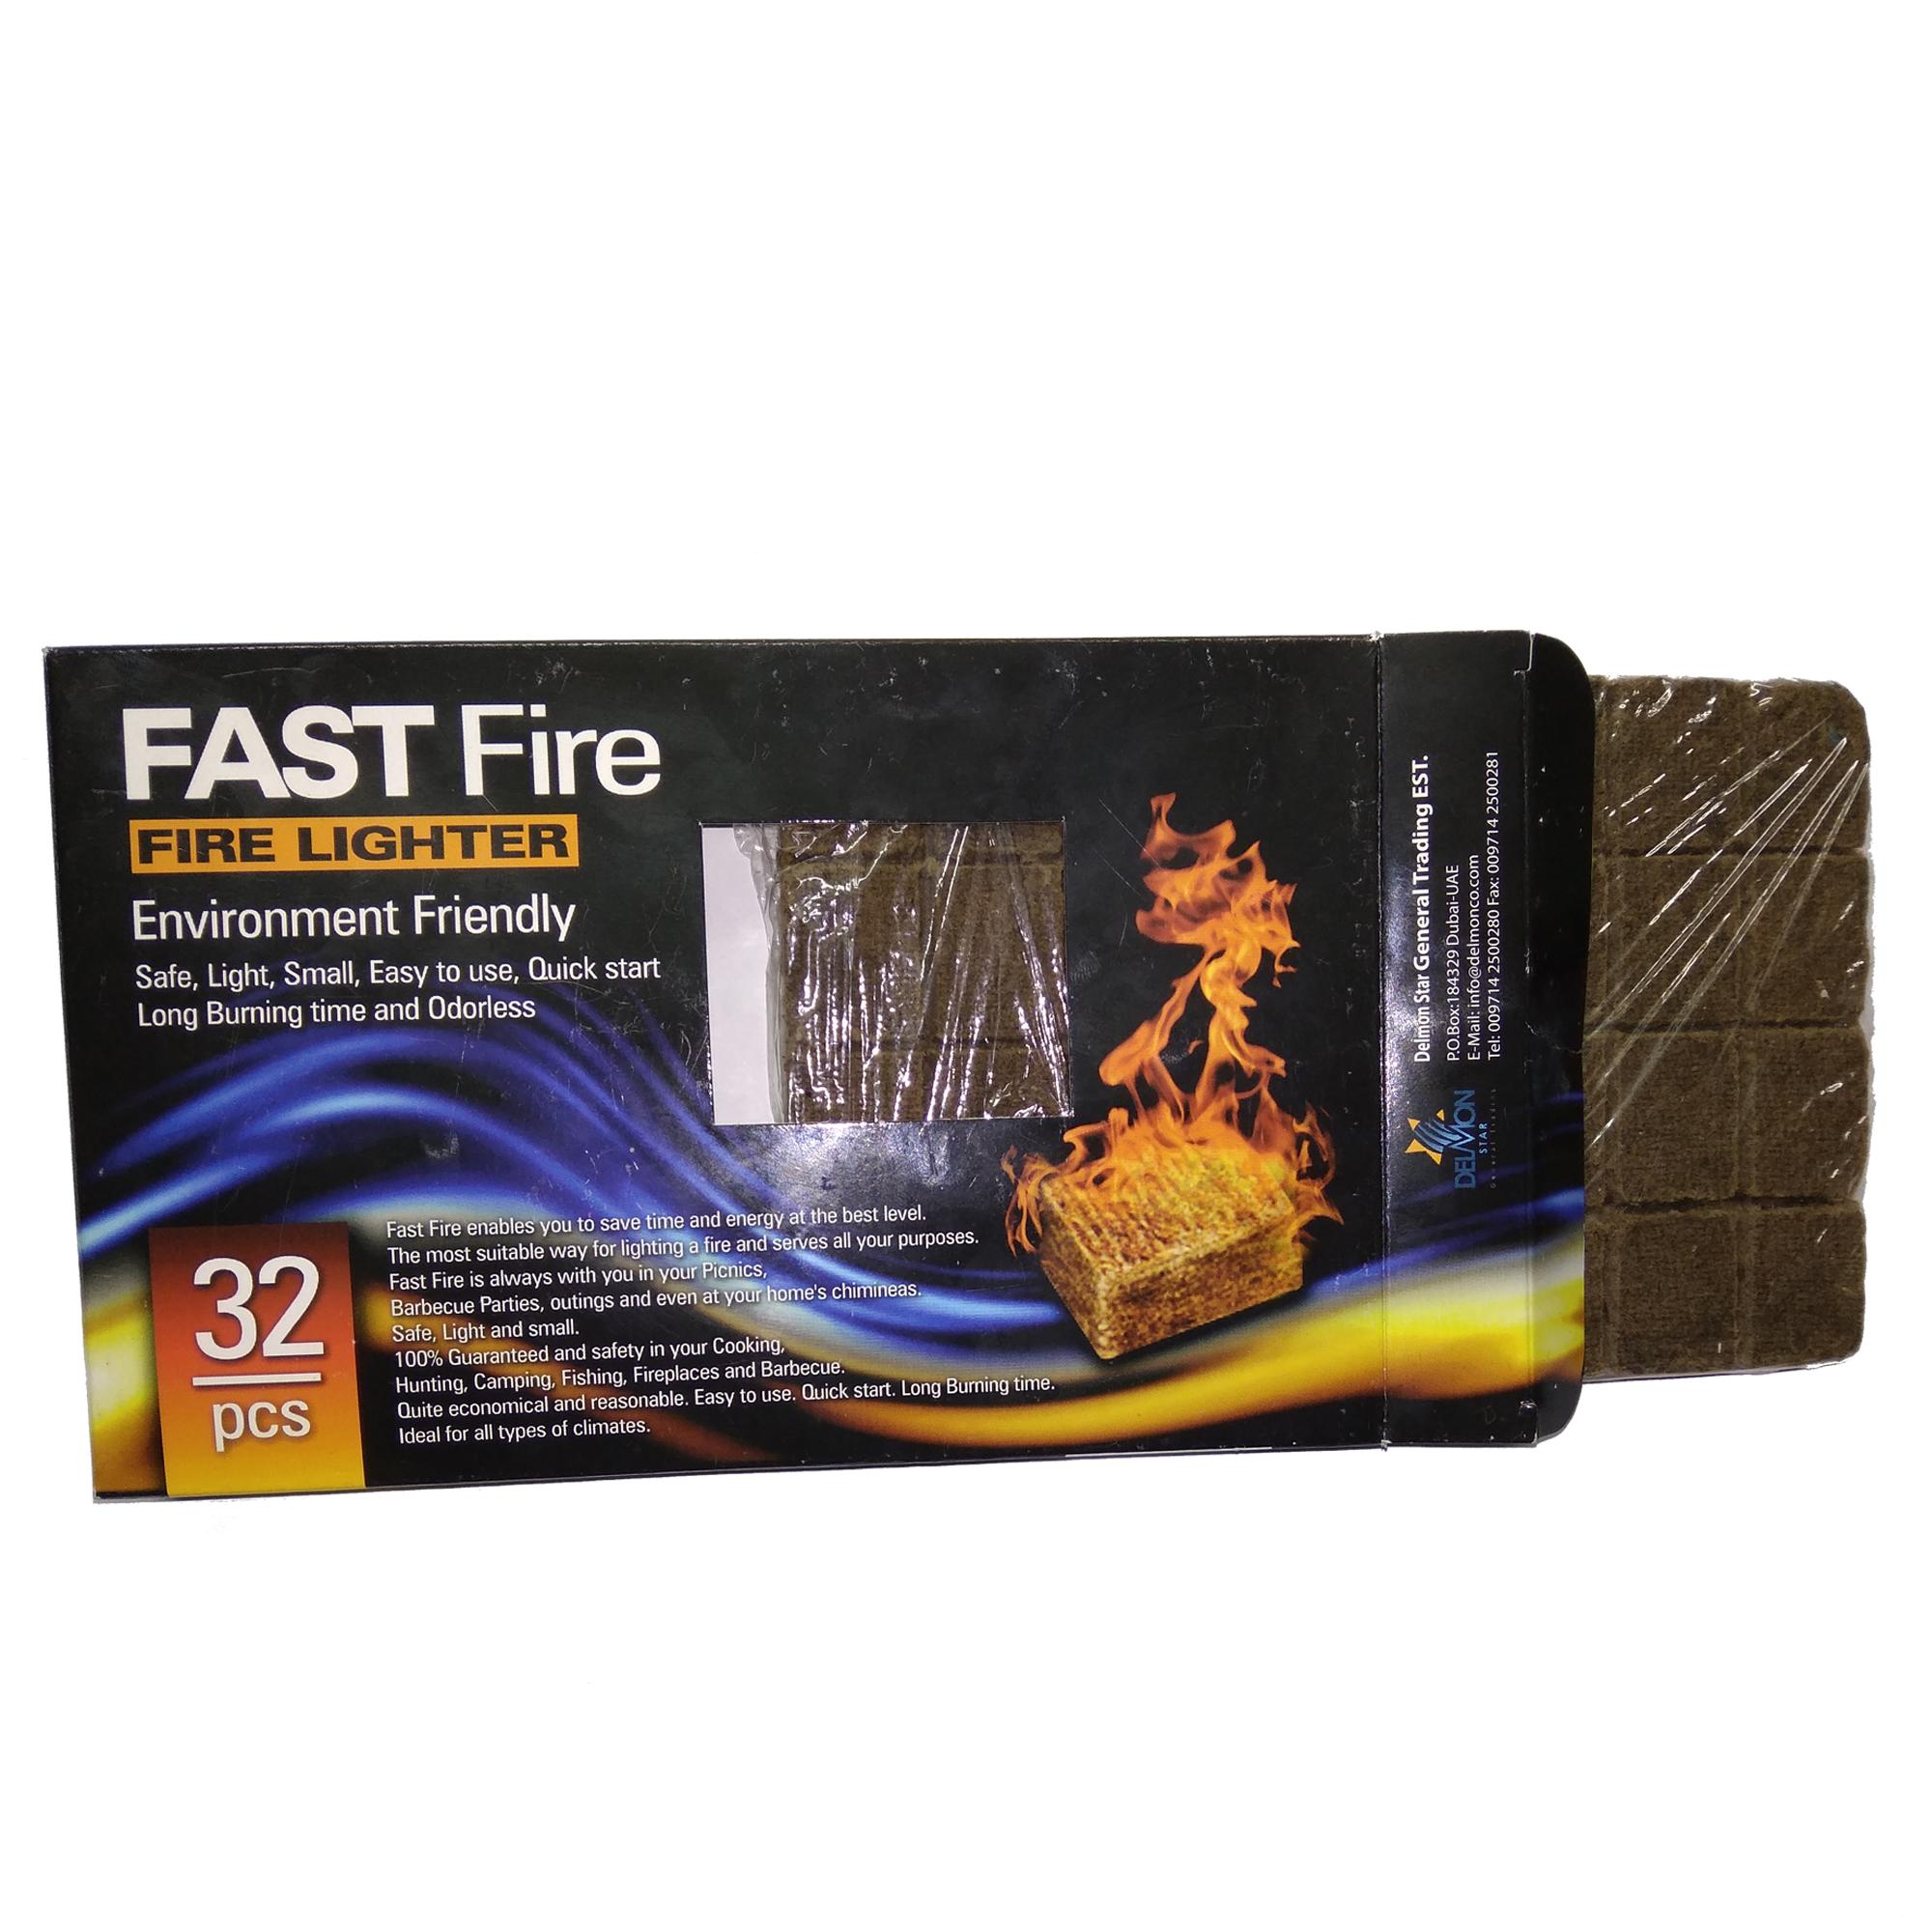 خرید آتشزنه فست فایر مدل p2 بسته 32 عددی